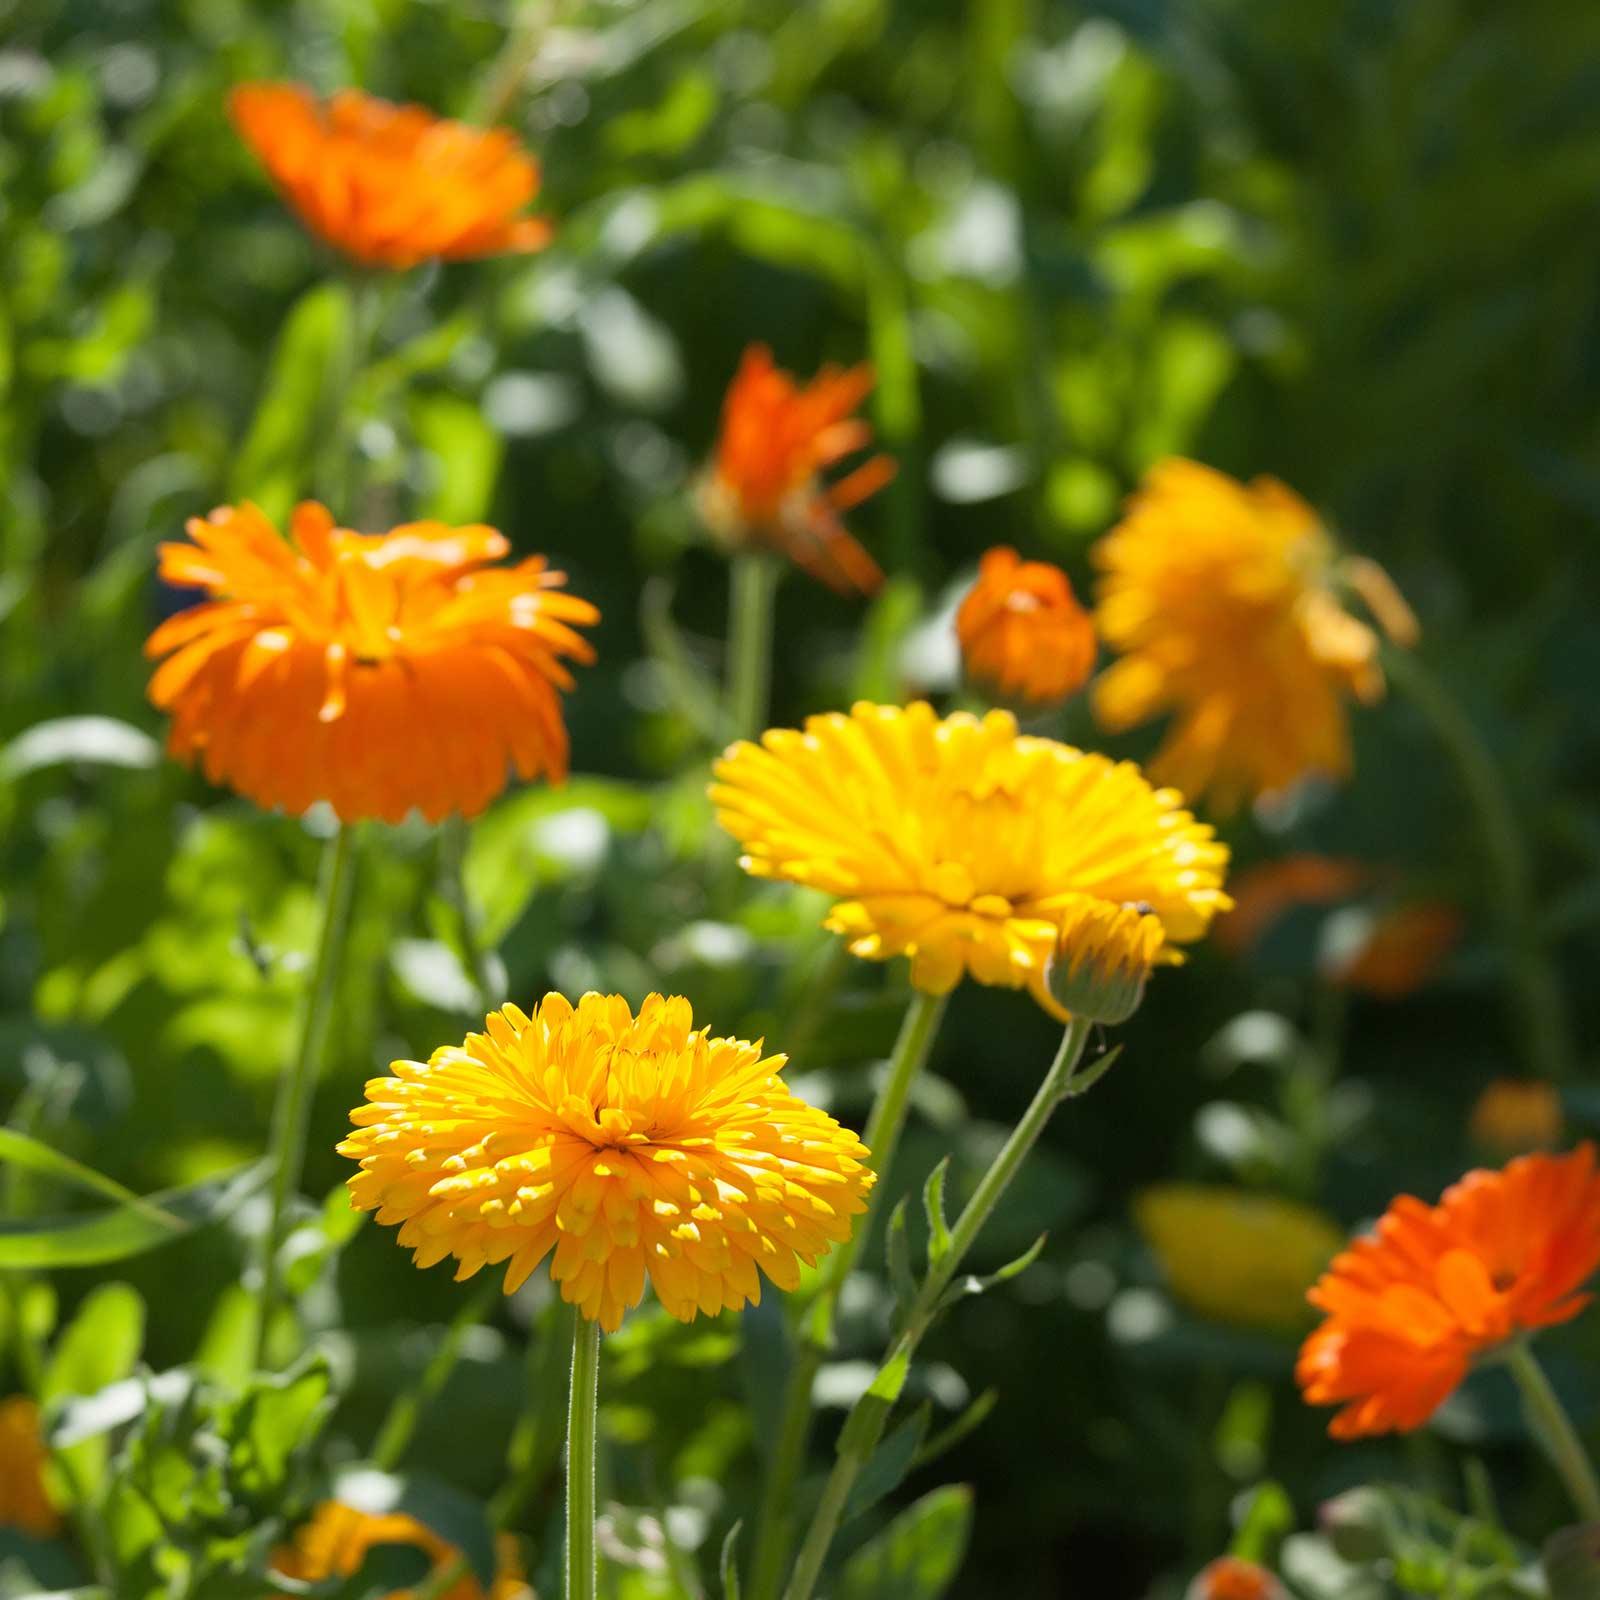 Calendula flower seeds bon bon series mix 1000 seeds annual calendula flower seeds bon bon series mix 1000 seeds annual garden izmirmasajfo